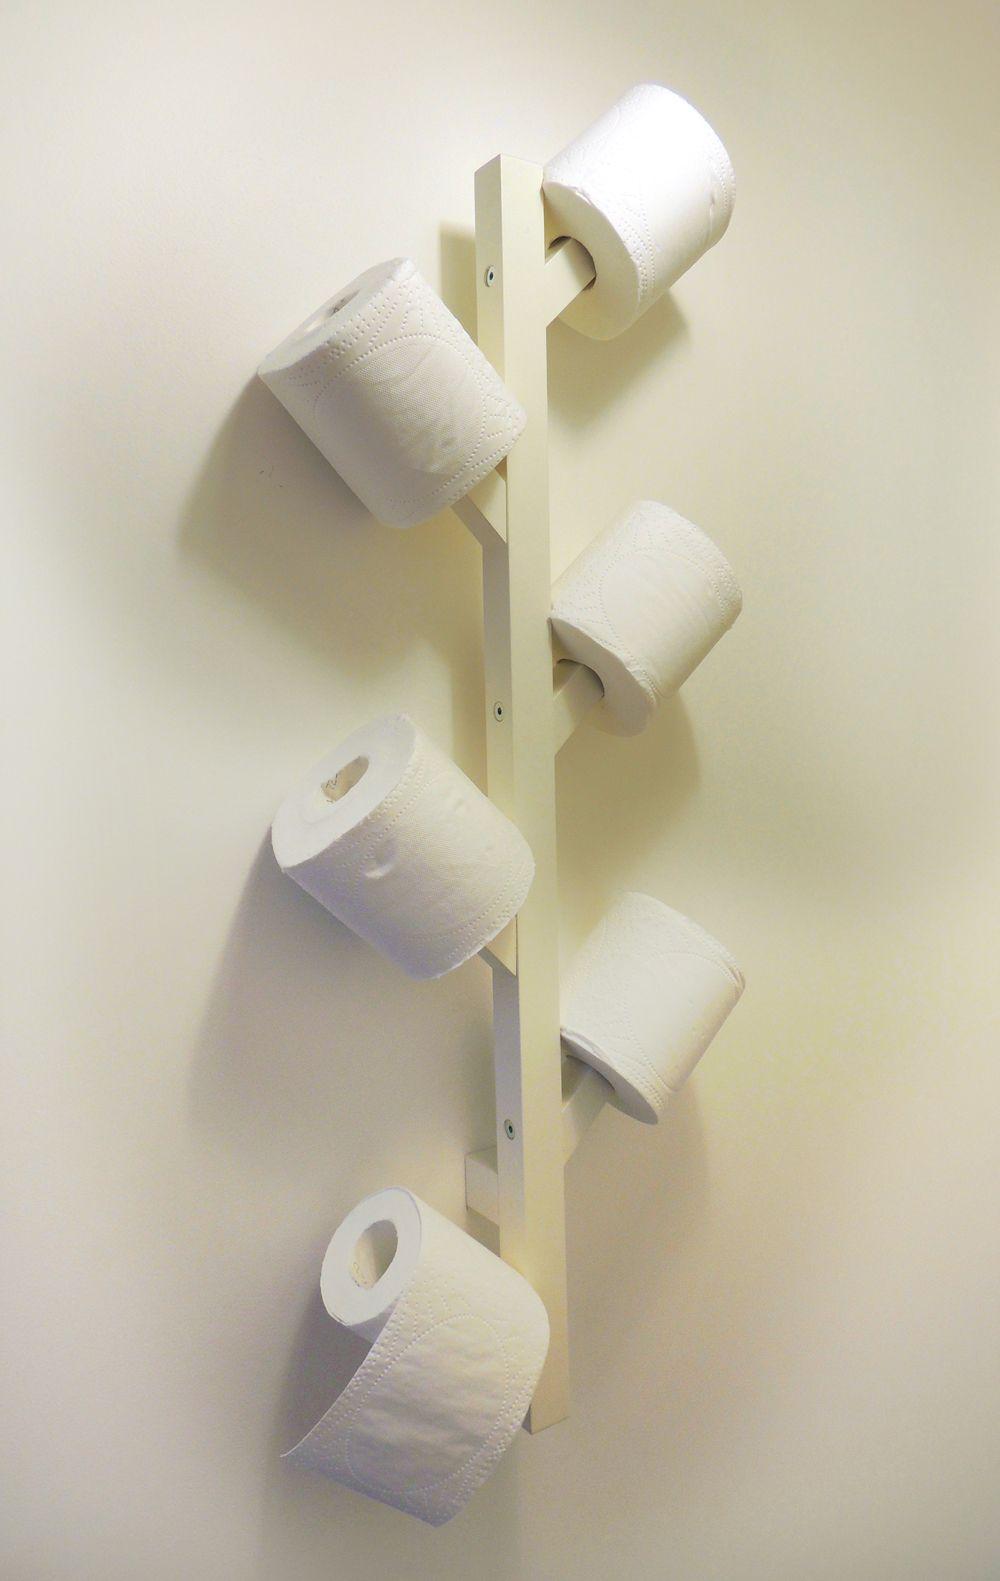 Tjusig Patere Ikea Devient Porte Papier Toilette A Essayer Avec Plusieurs Et A Des Hauteurs Differentes Comme Une Foret